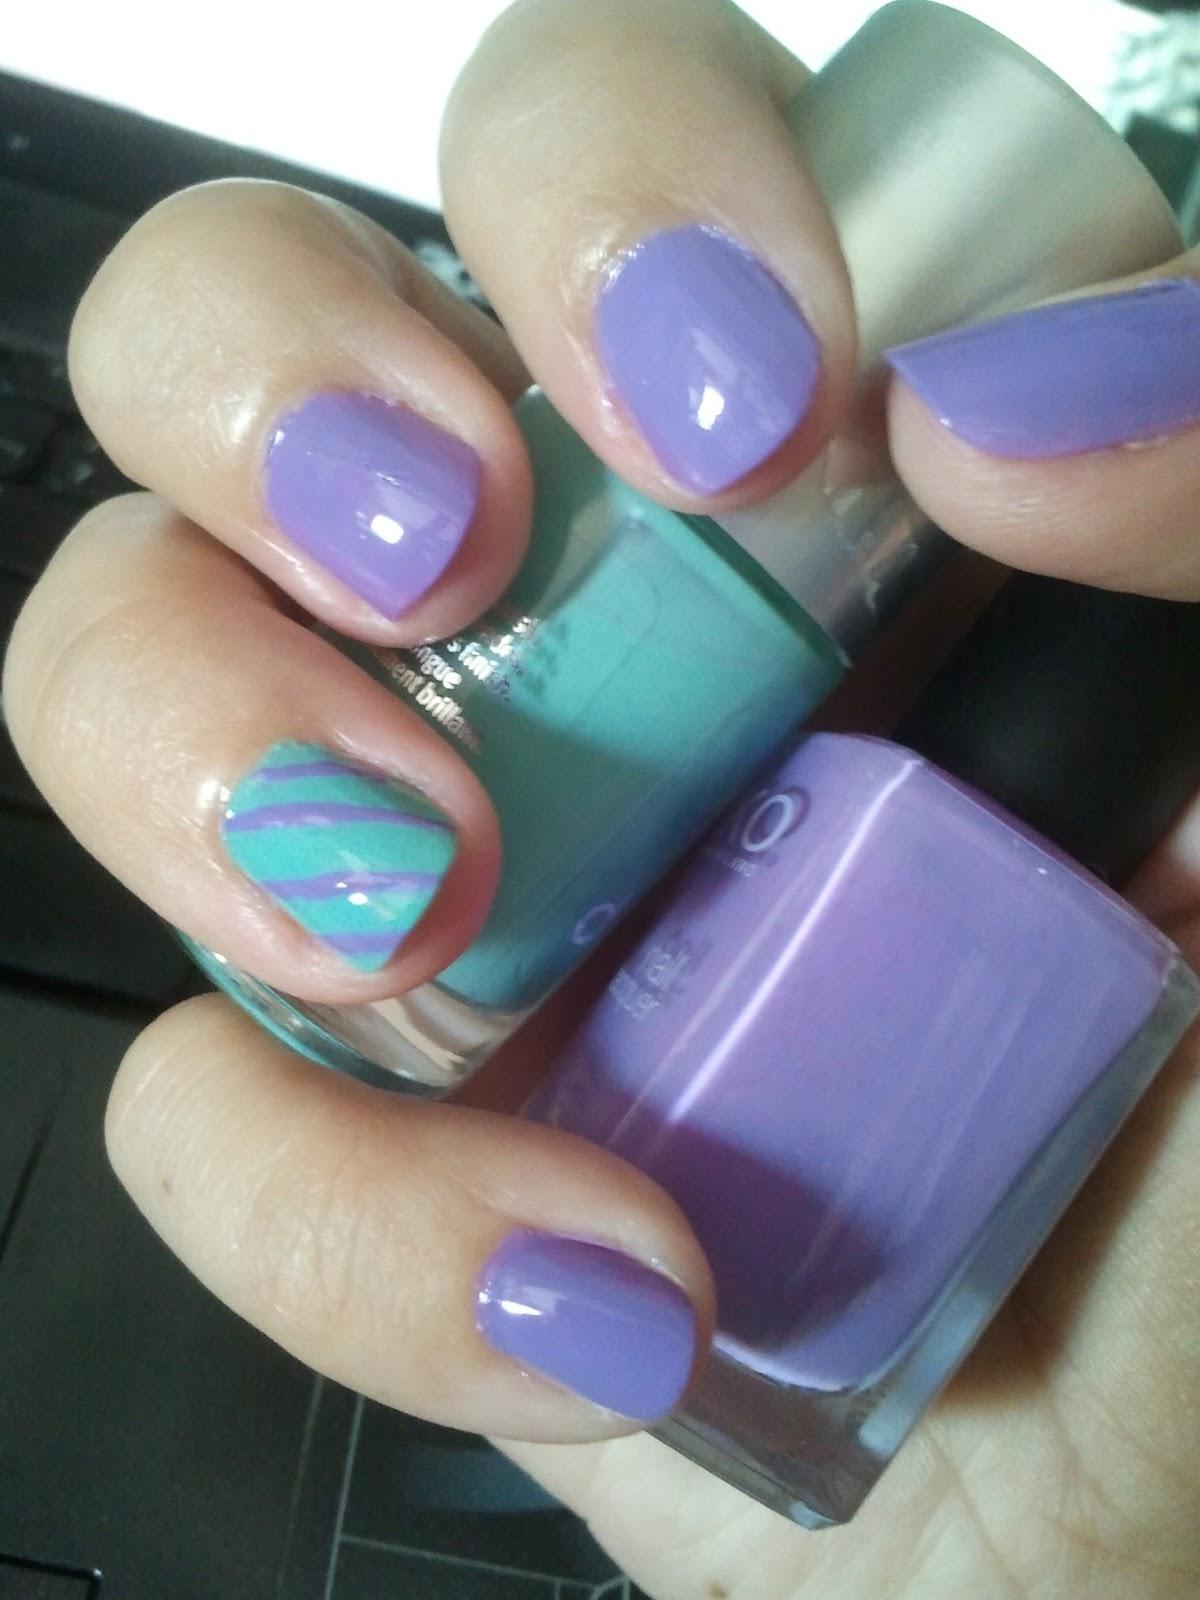 This is my place: Combinación perfecta de colores en una manicura...